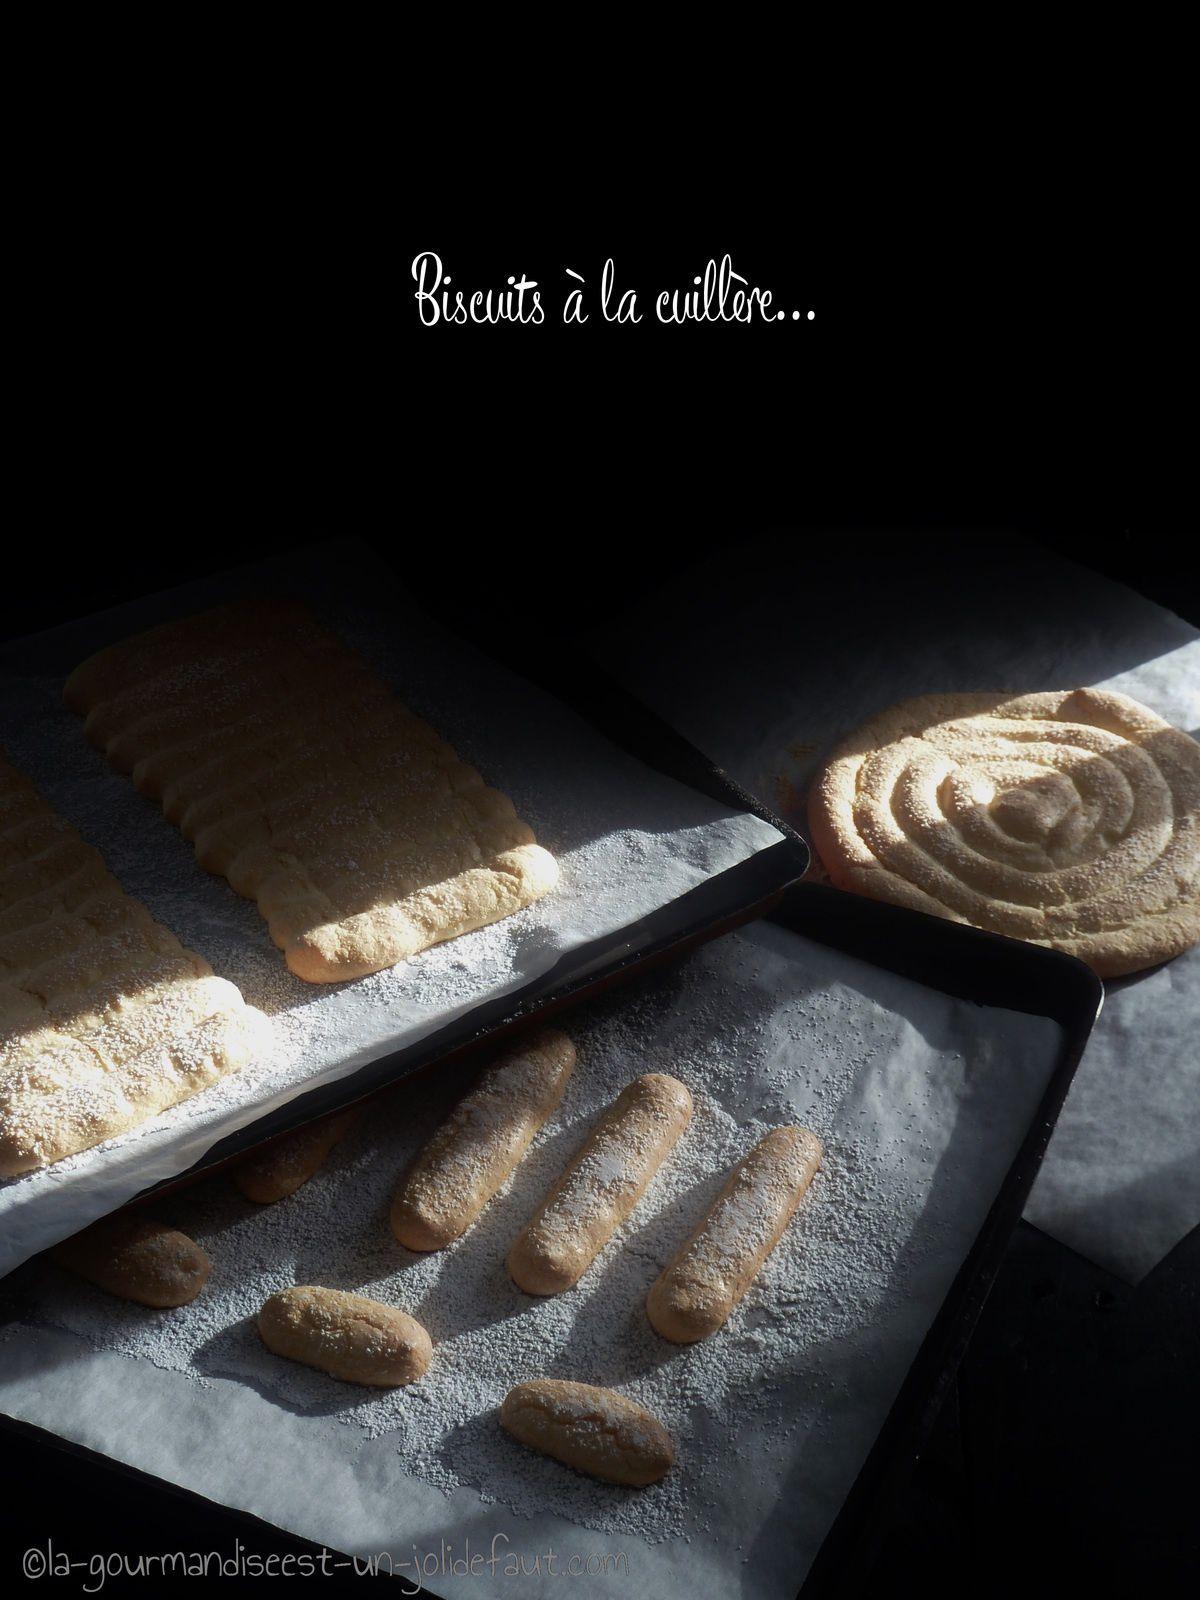 Biscuits à la cuillère pour les charlottes